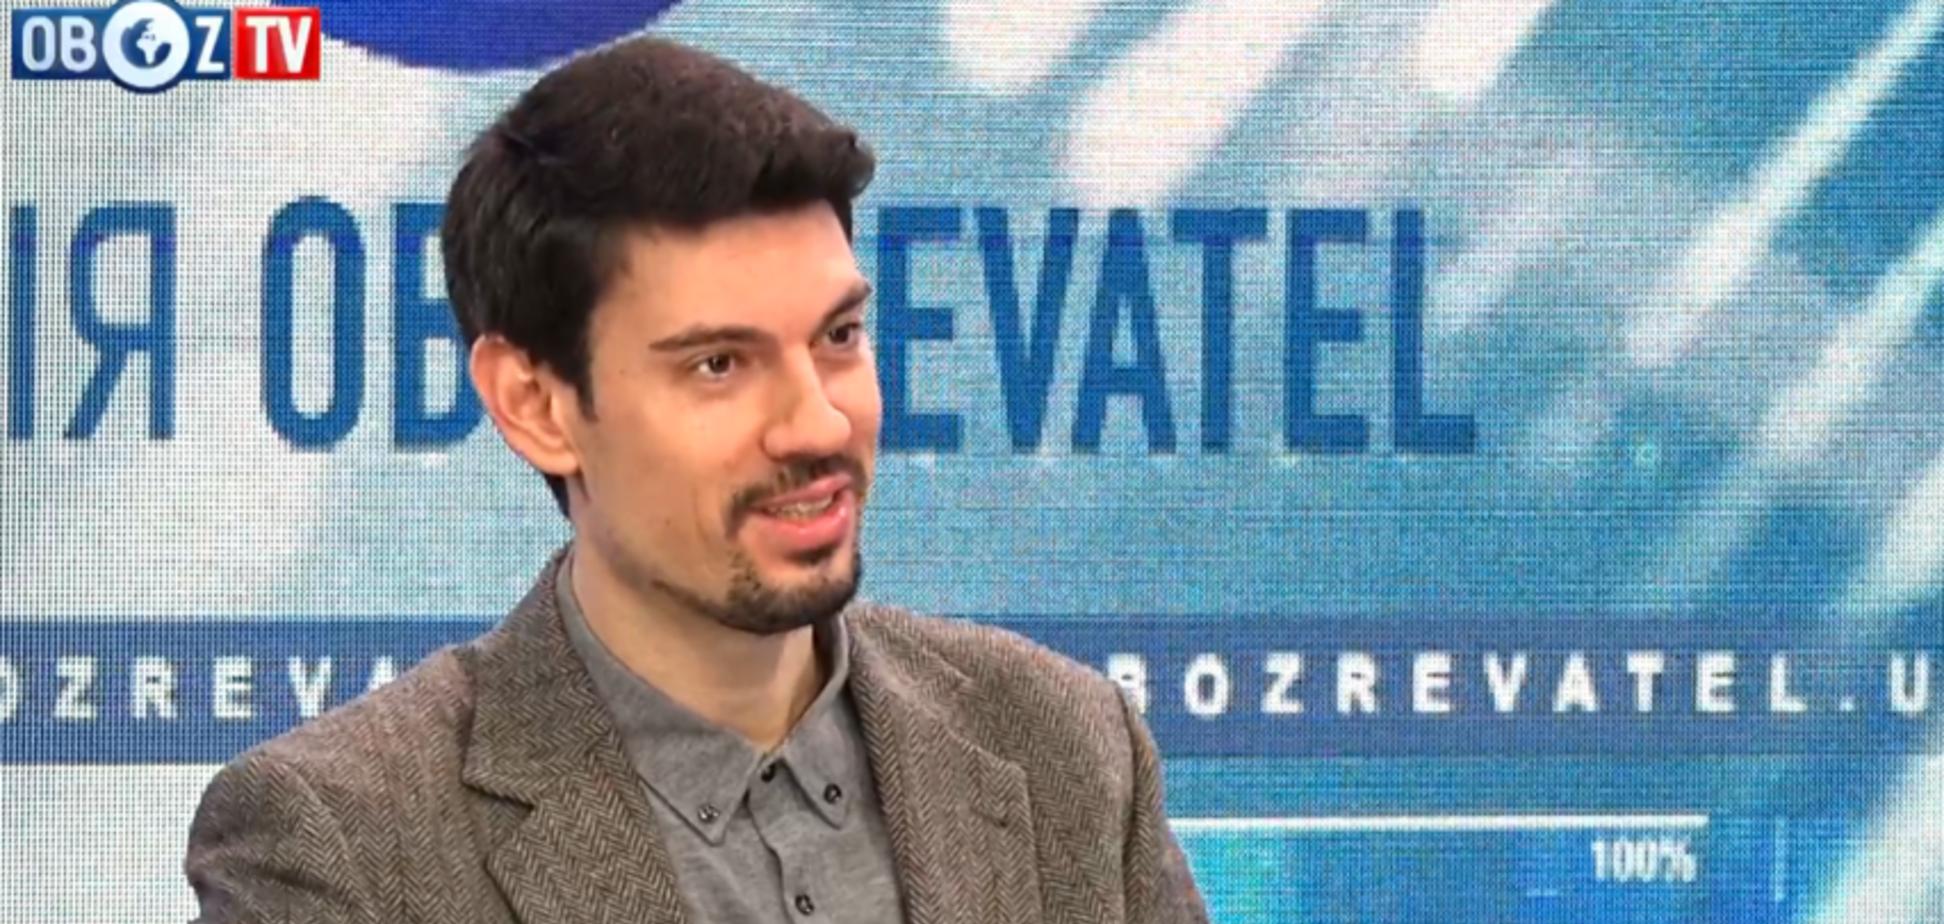 Дело на миллиард: футуролог рассказал, чего не хватает Украине для лидерства в IT-сфере